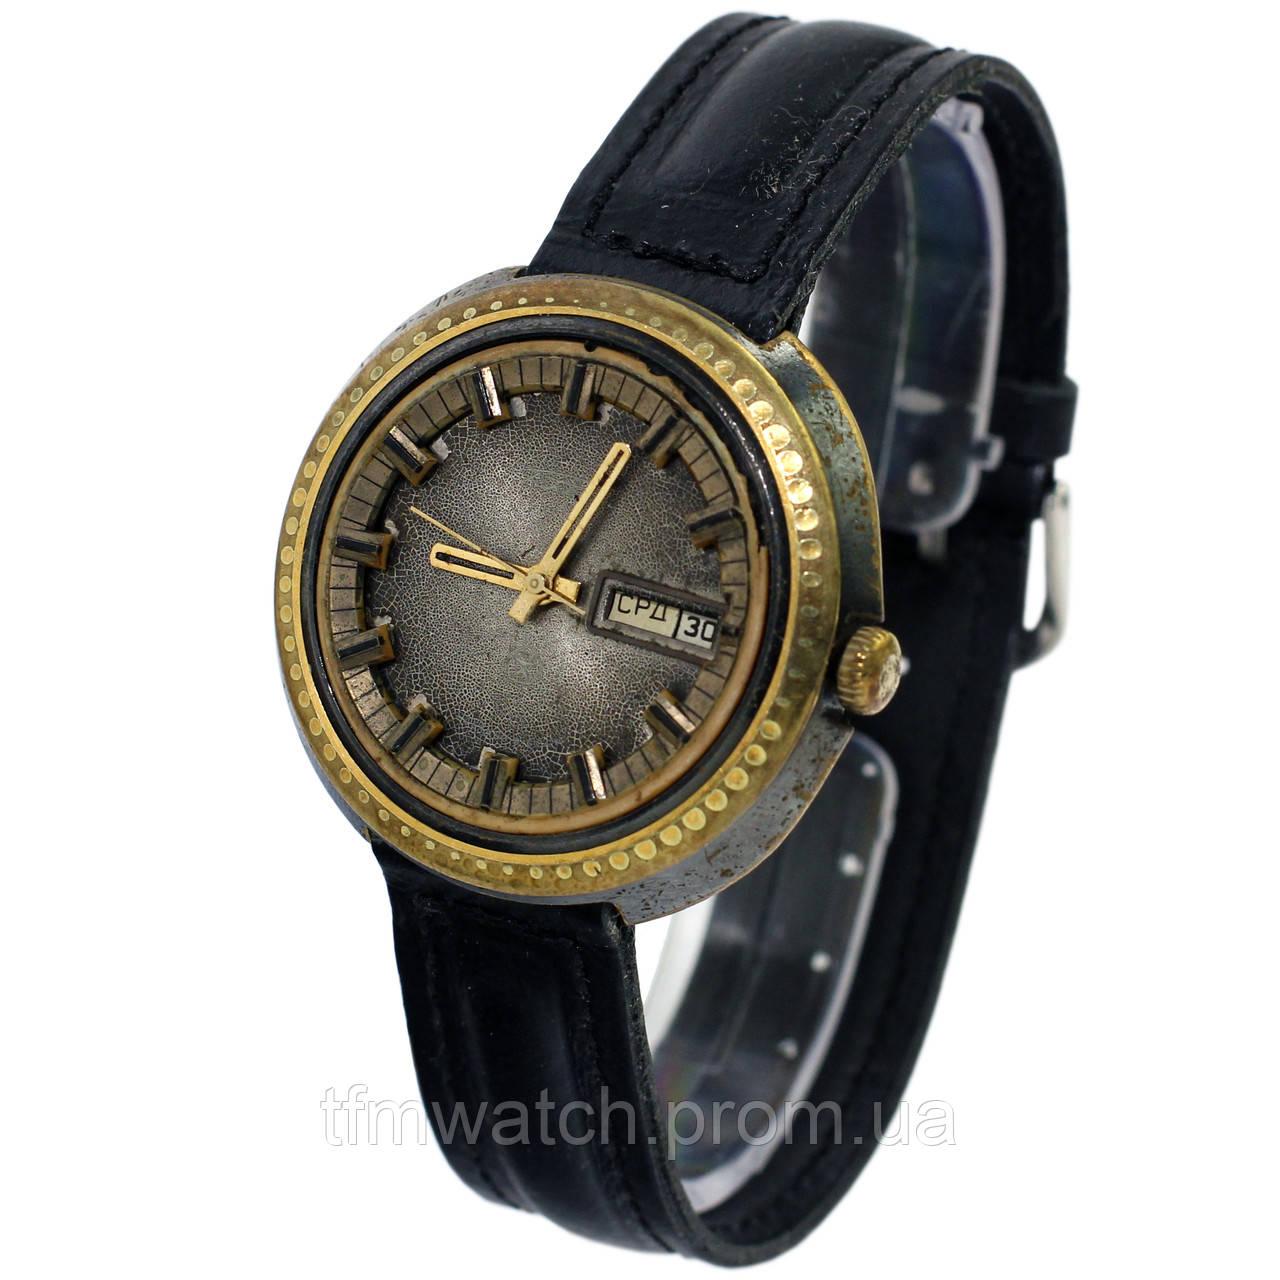 С ссср часы номером стоимость ракета пантера в часы красногорске работы черная ломбард